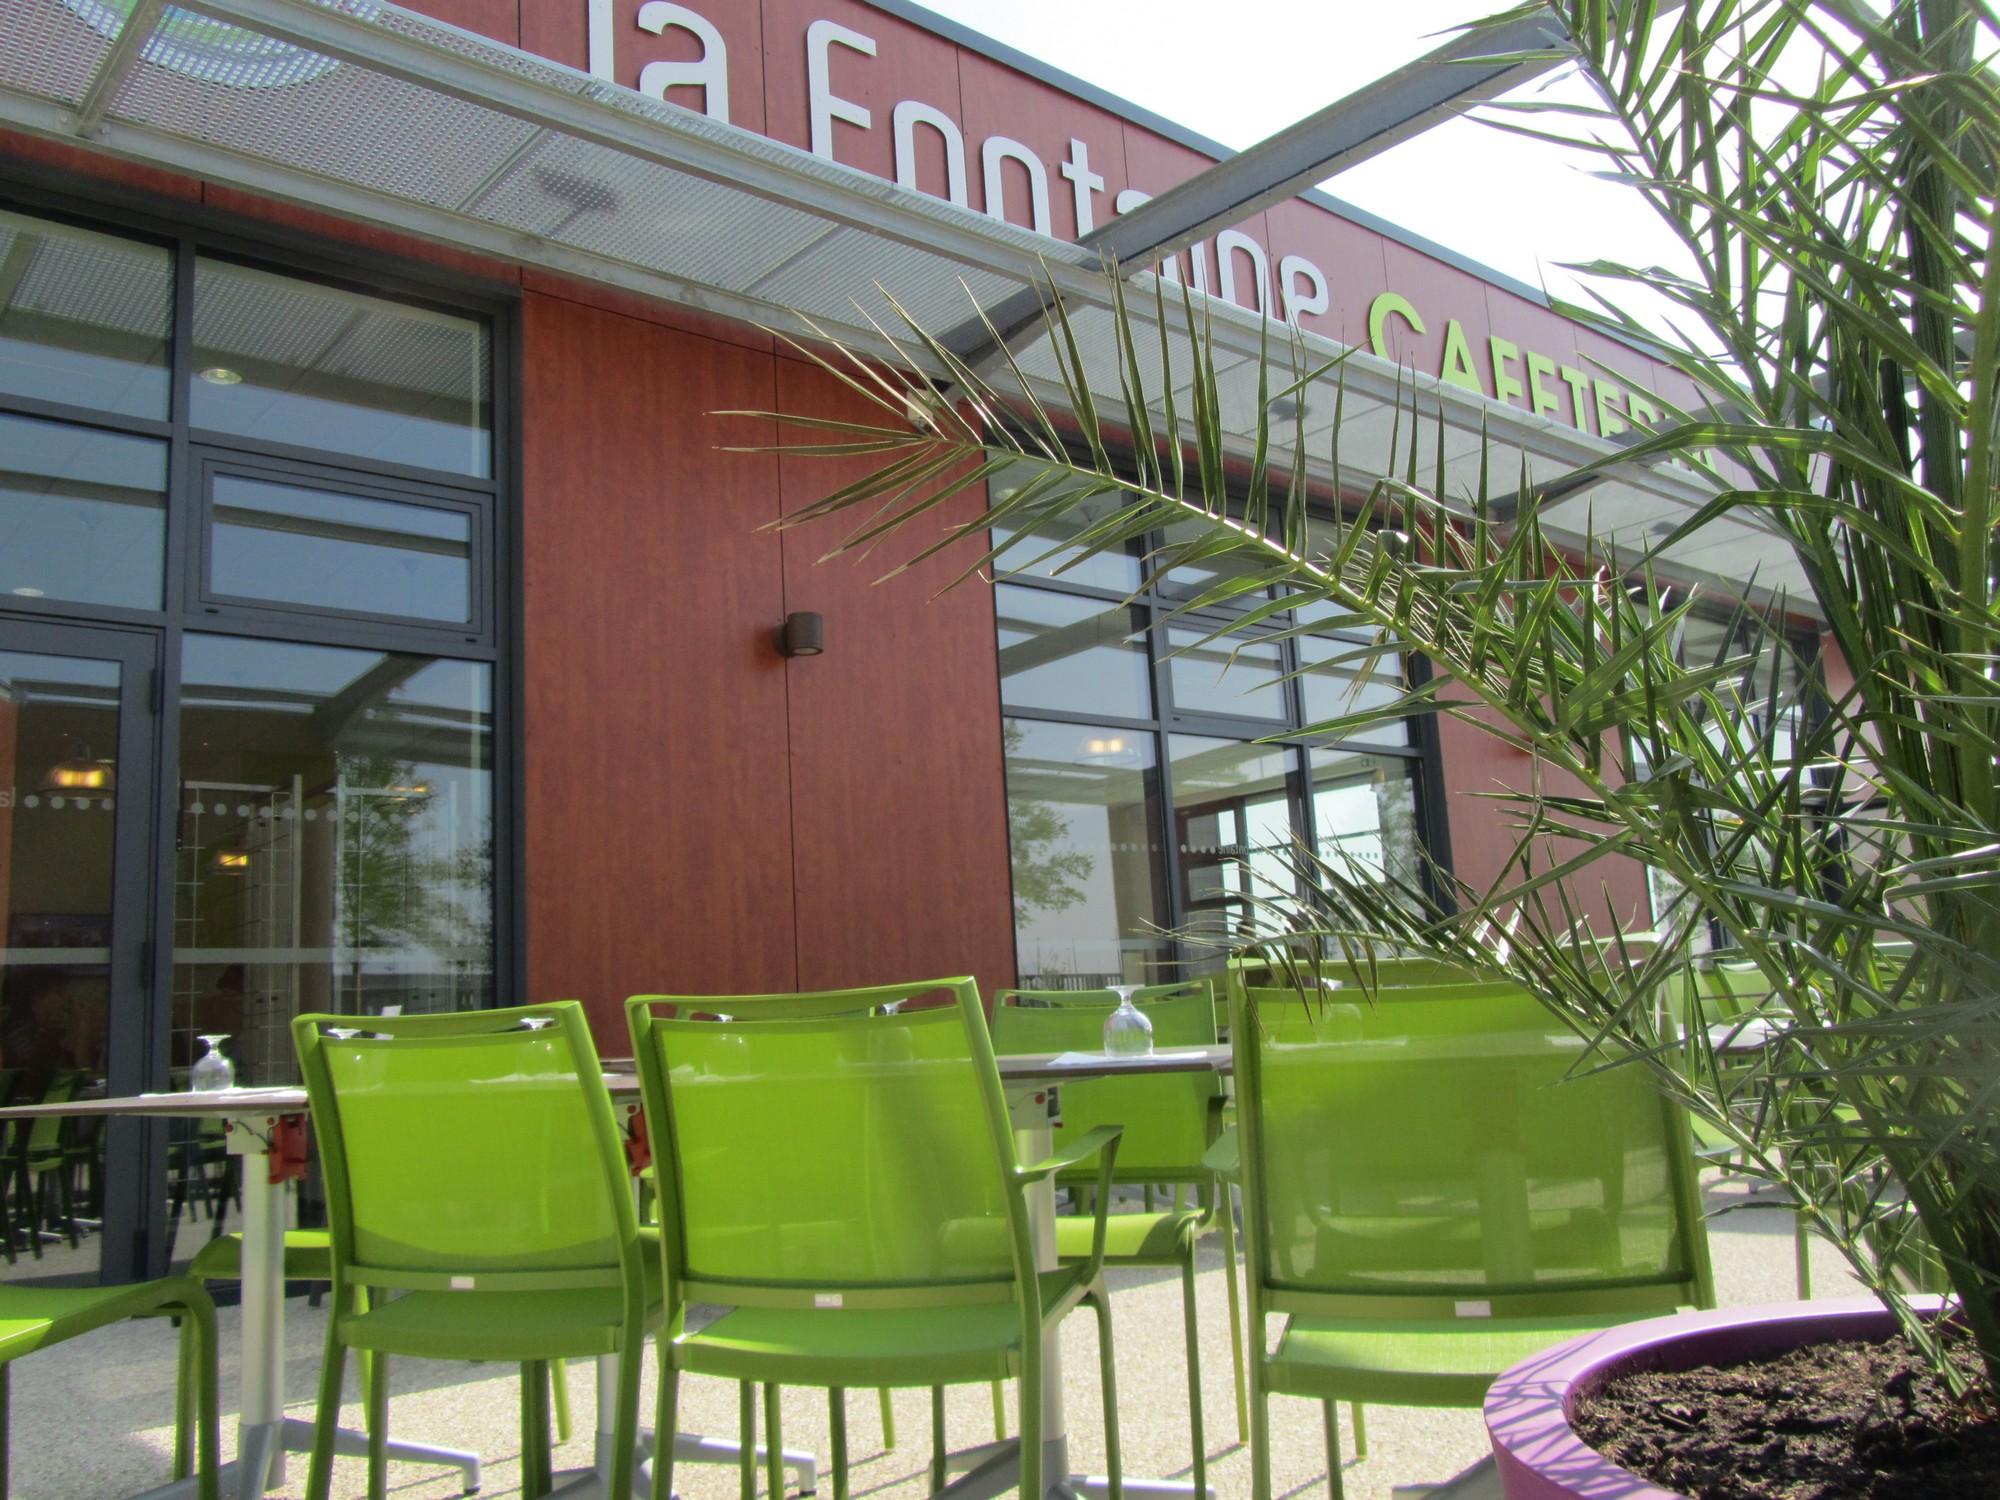 Cafeterias